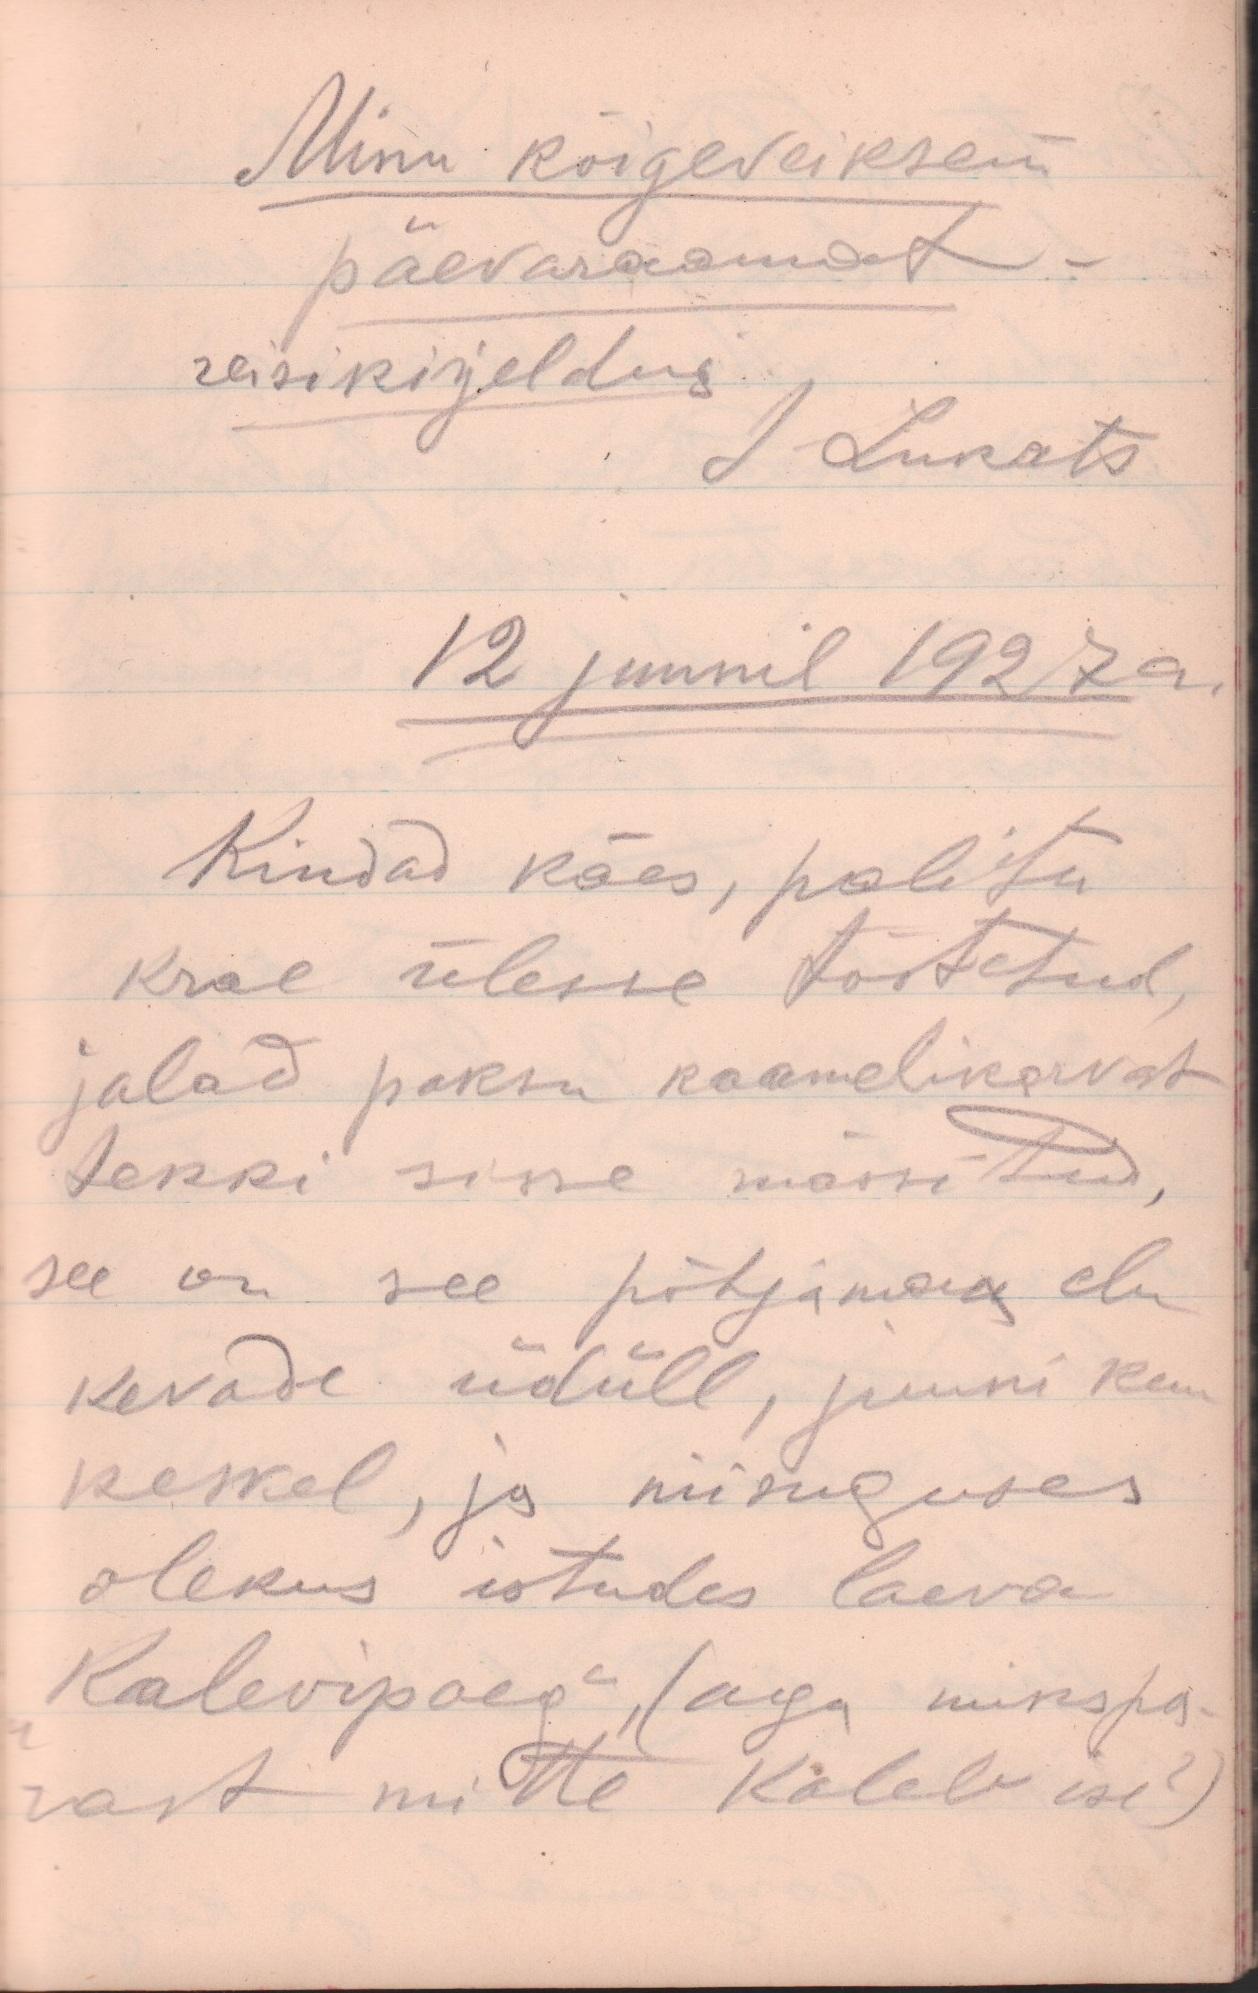 Jakob Lukatsi märkmik aastatest 1926– 1927. Muuhulgas kirjeldab ta seal ka oma lühikest reisi Rootsi. (RA, EAA.5241.1.18) reisikirjeldus